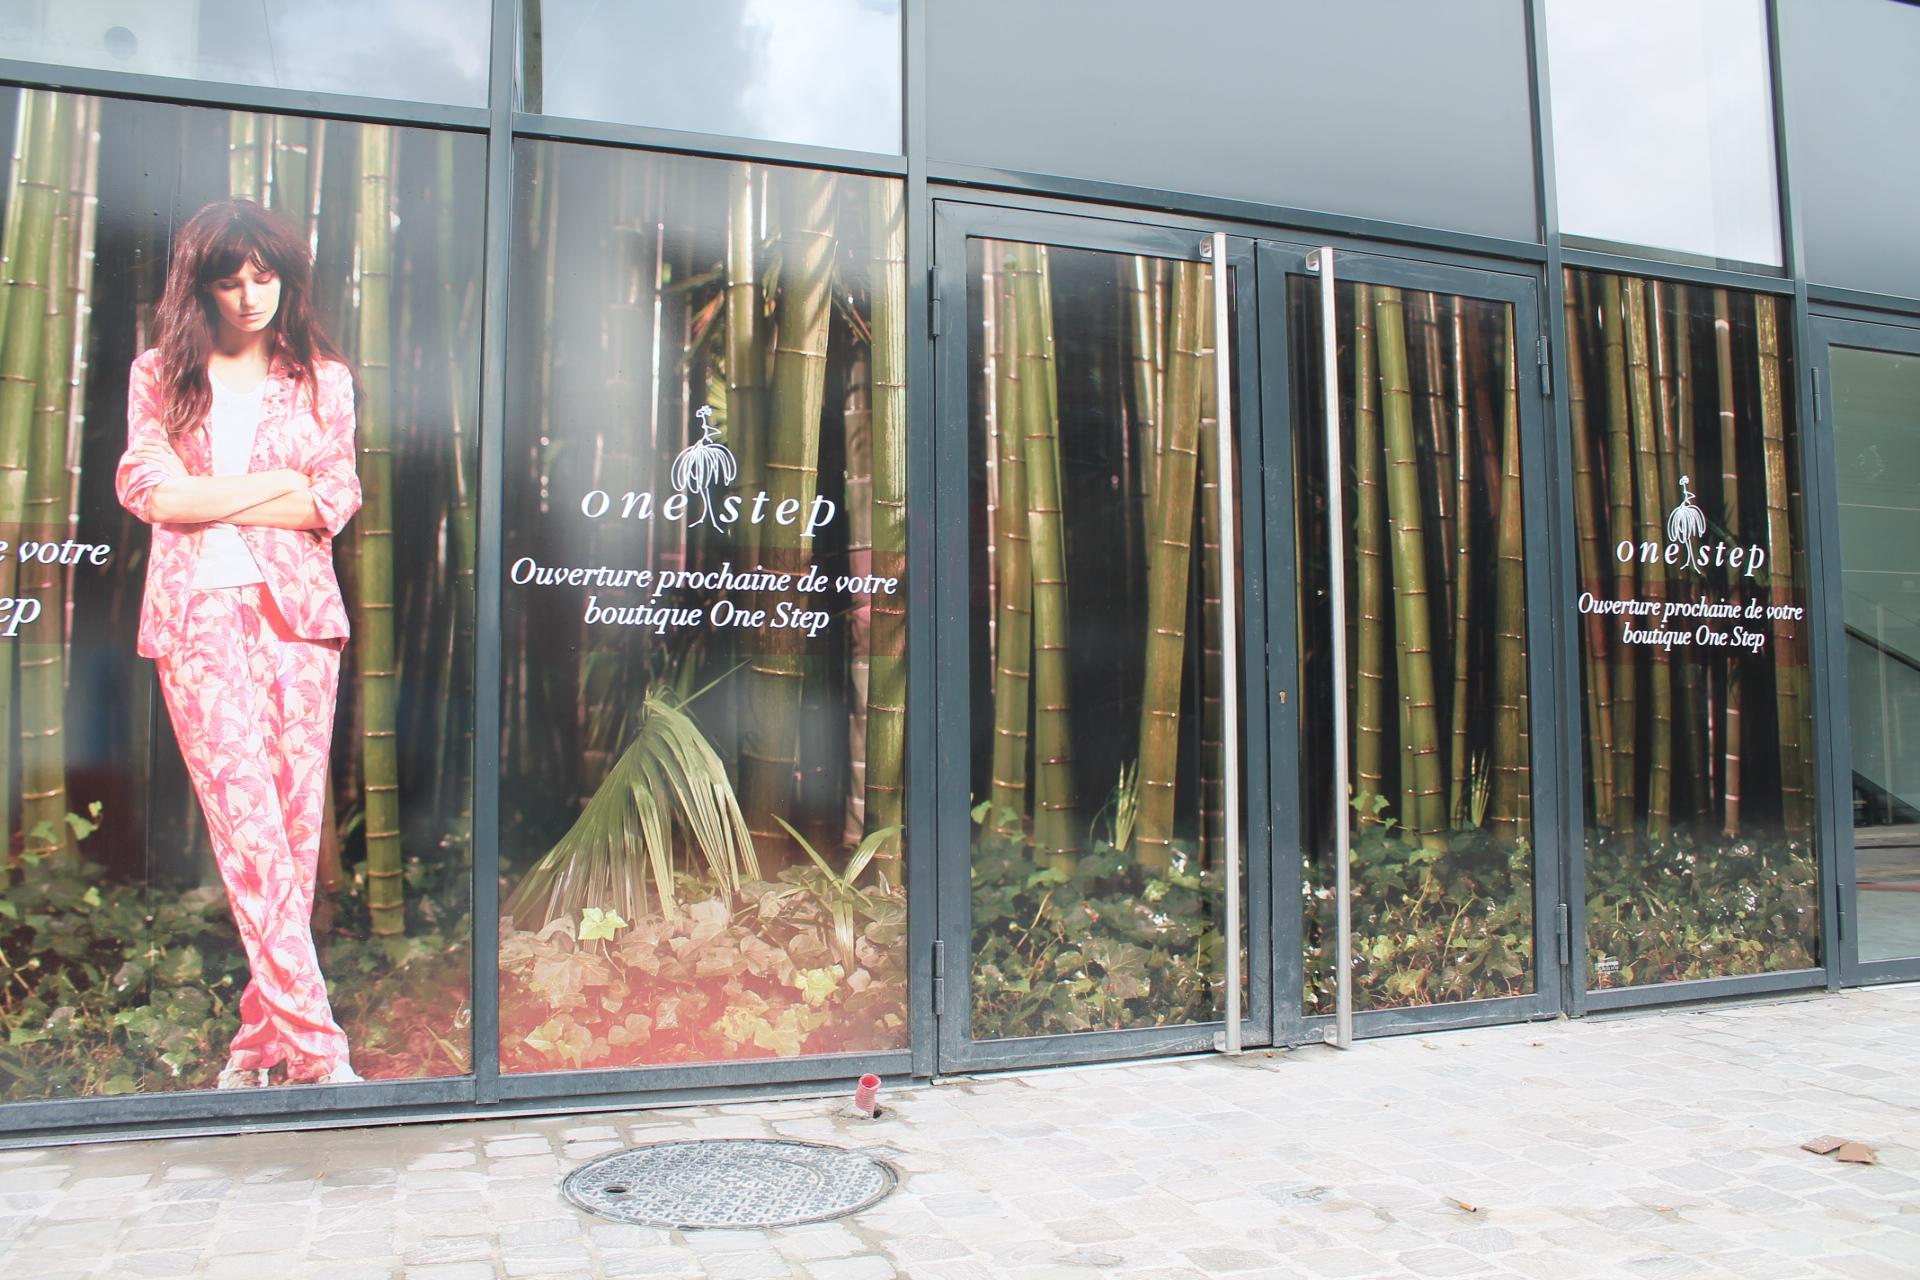 teasing One Step (masquage de travaux d'ouverture) centre commercial Avaricum Bourges